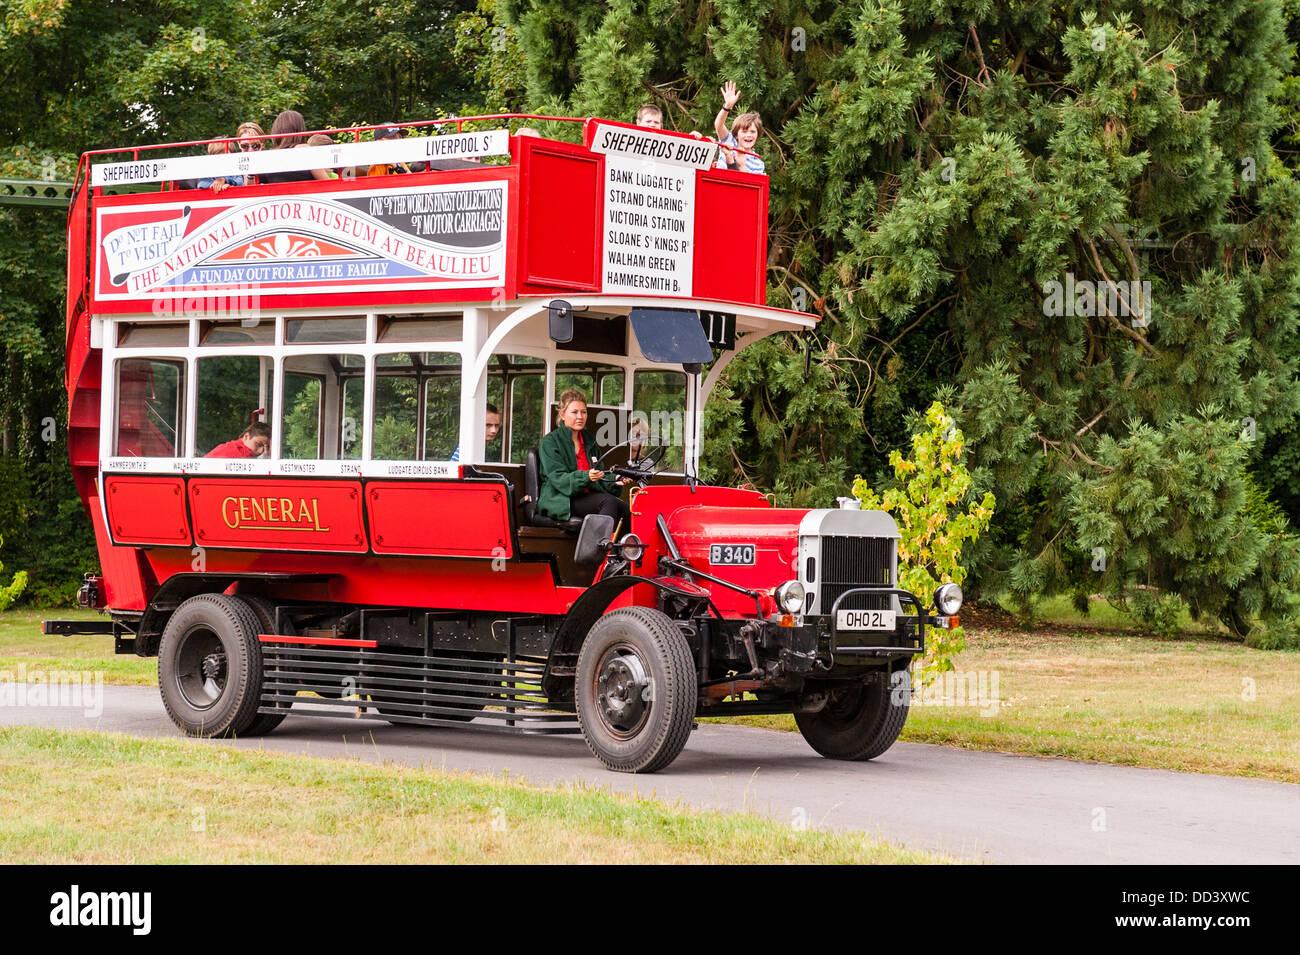 Ein Tour-Bus an das National Motor Museum in Beaulieu in Beaulieu, Hampshire, England, Großbritannien, Uk Stockbild